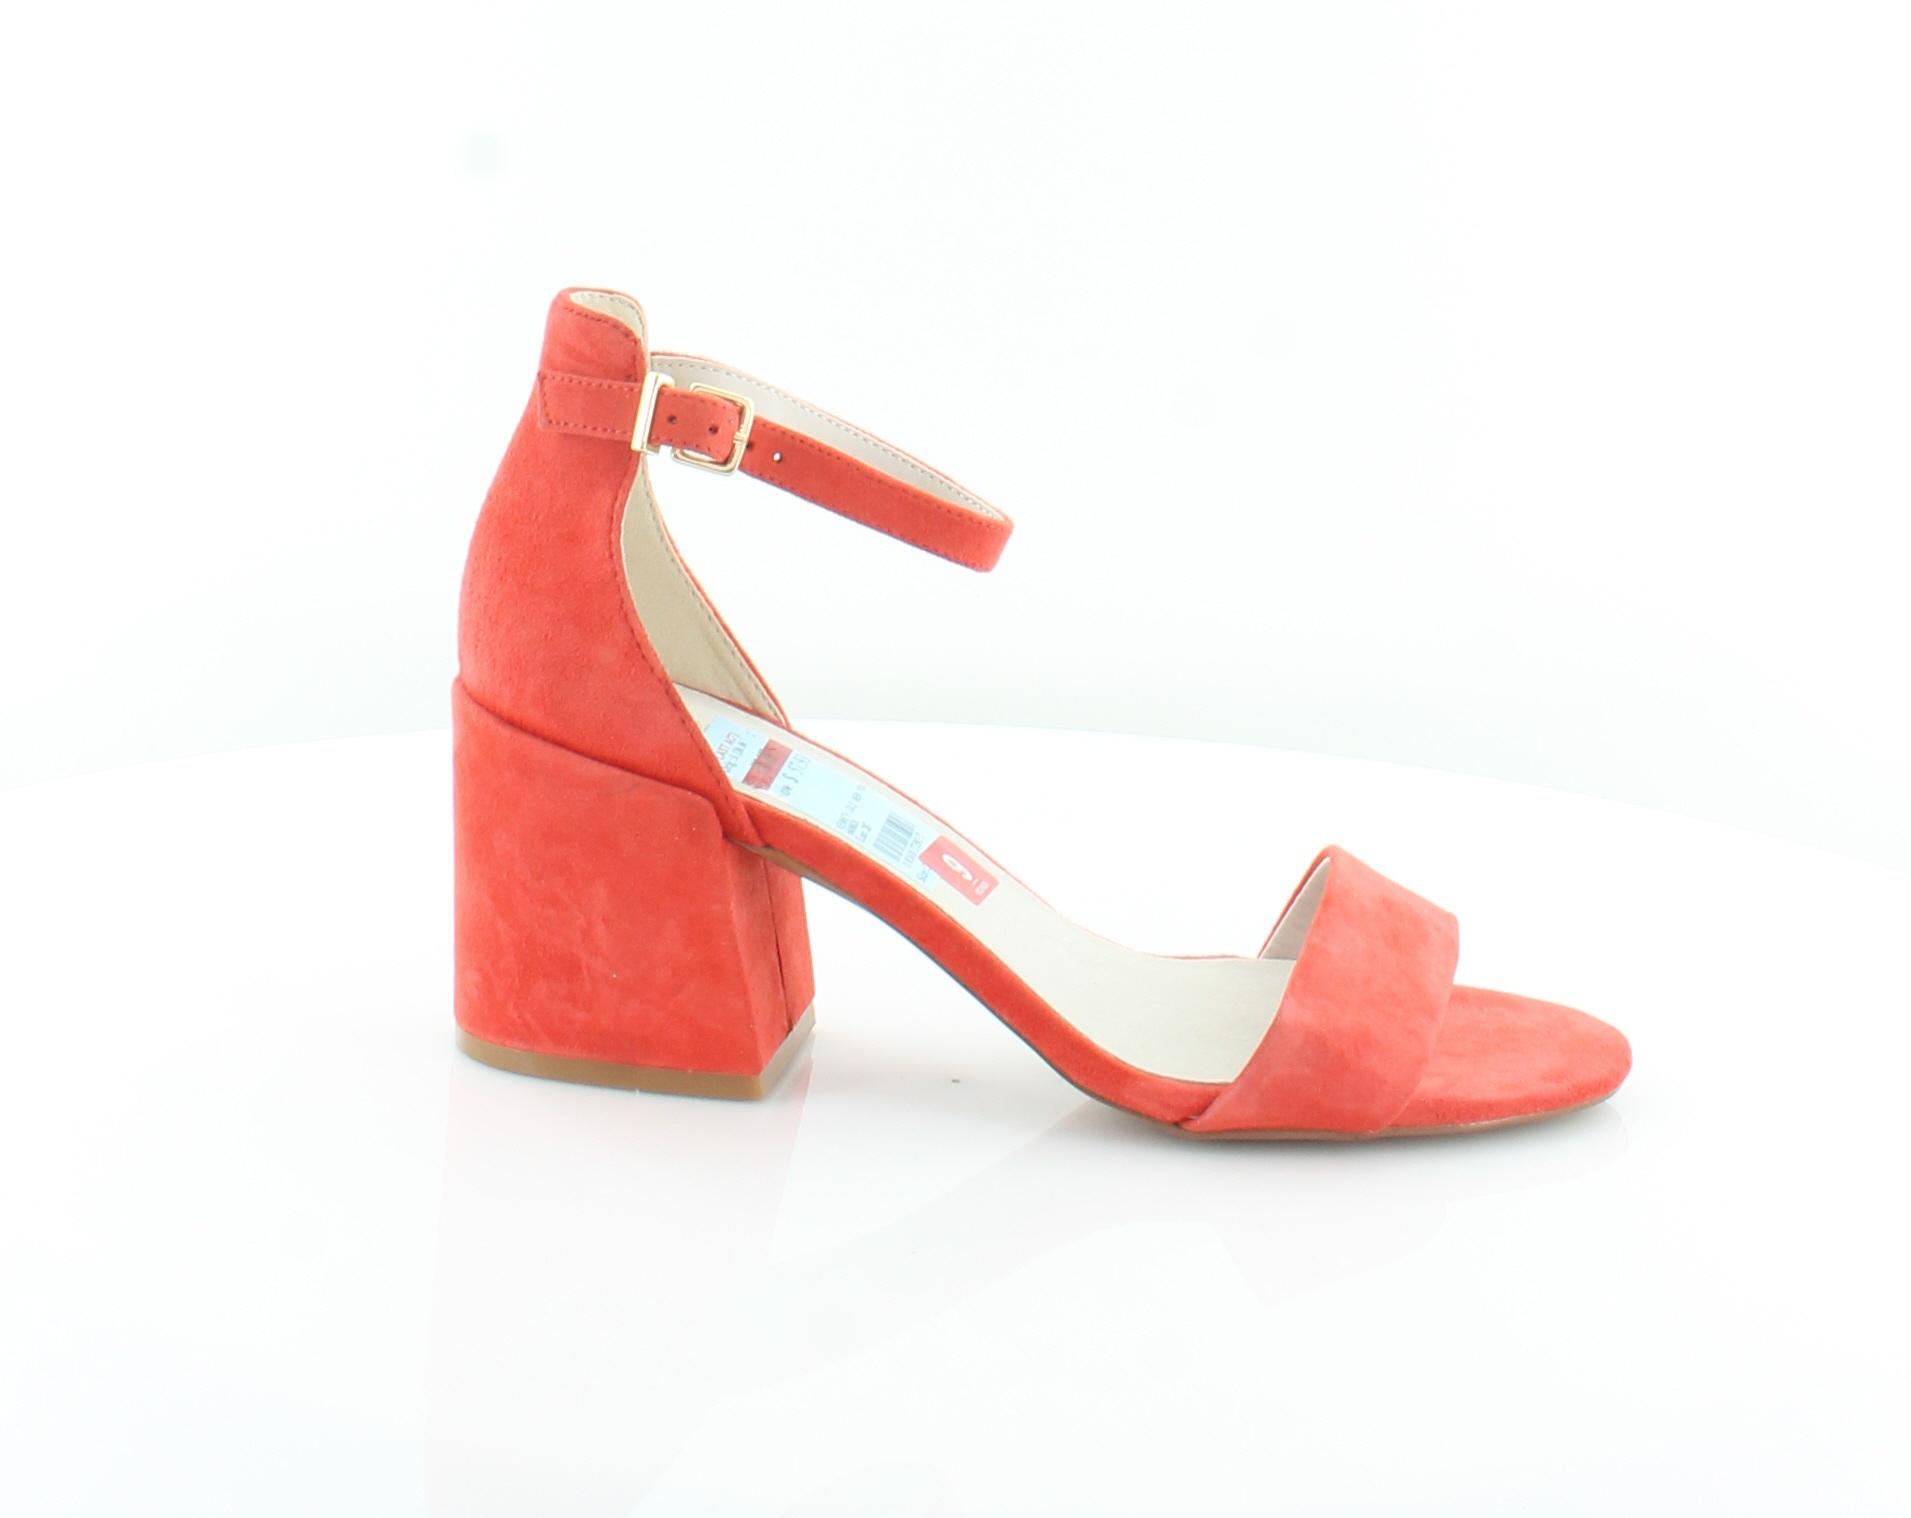 Kenneth-Cole-Hannon-Orange-Womens-Shoes-Size-9-M-Sandals-MSRP-130